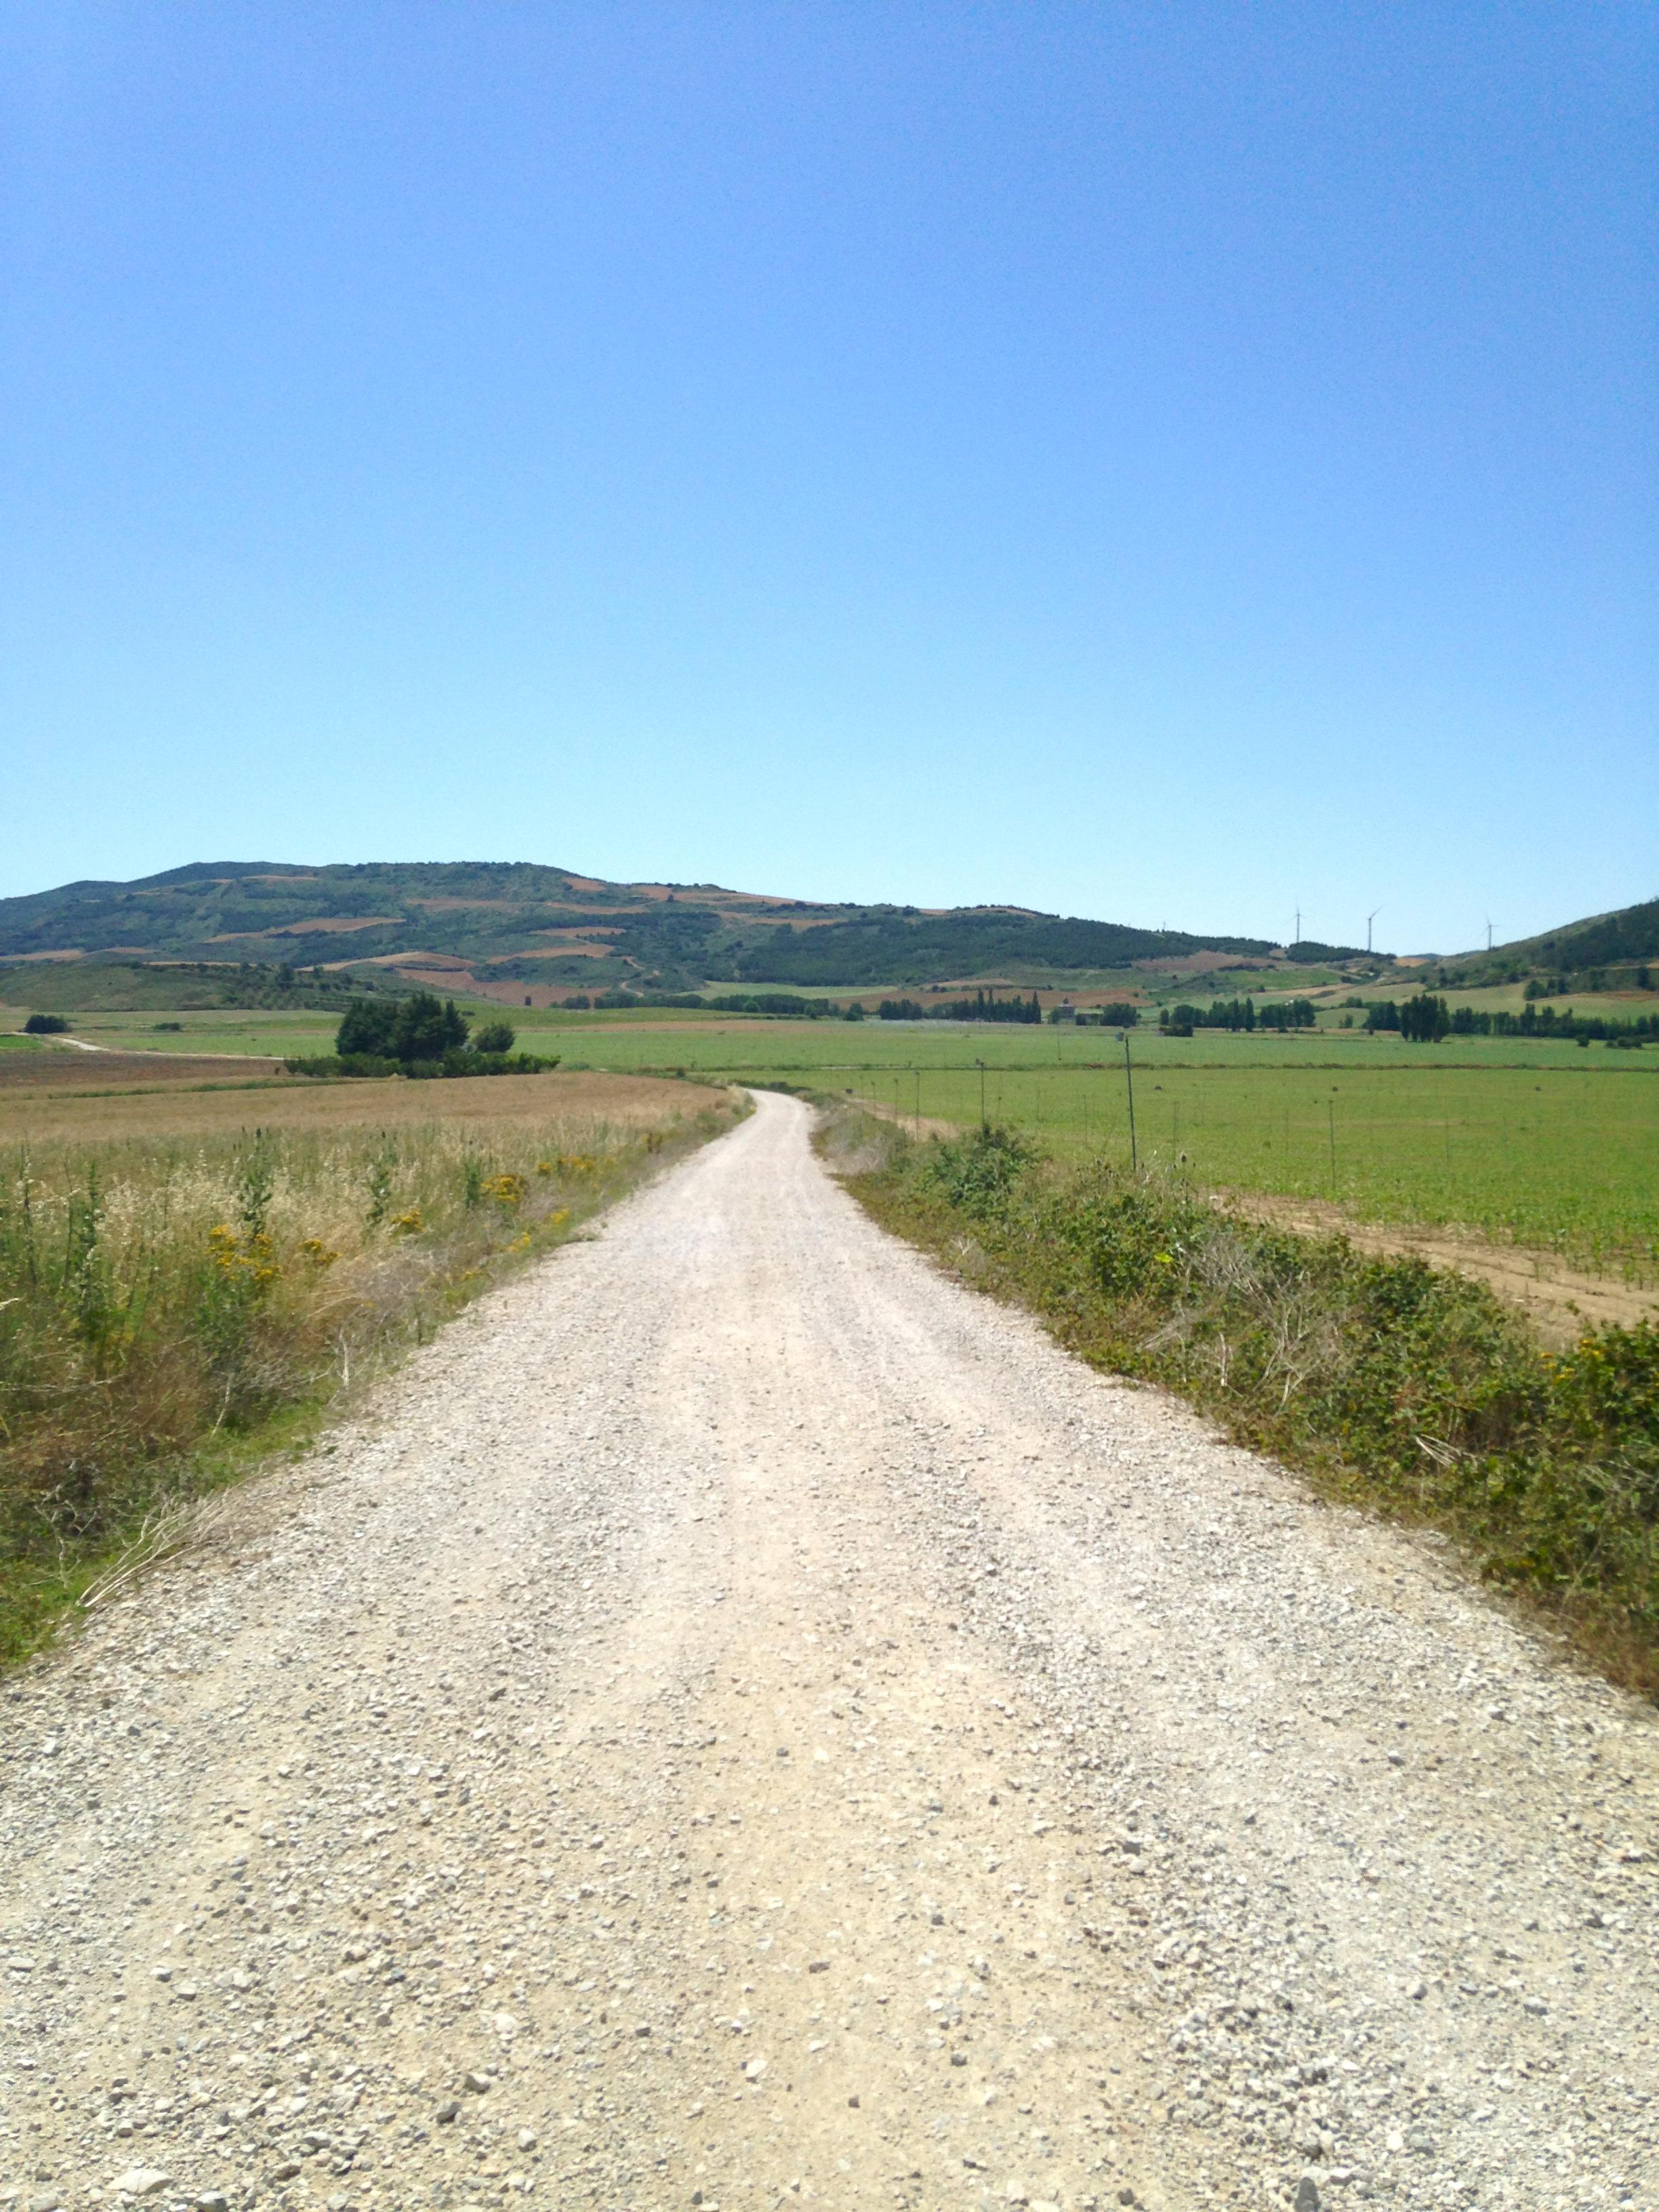 The road to Eunate, Camino de Santiago